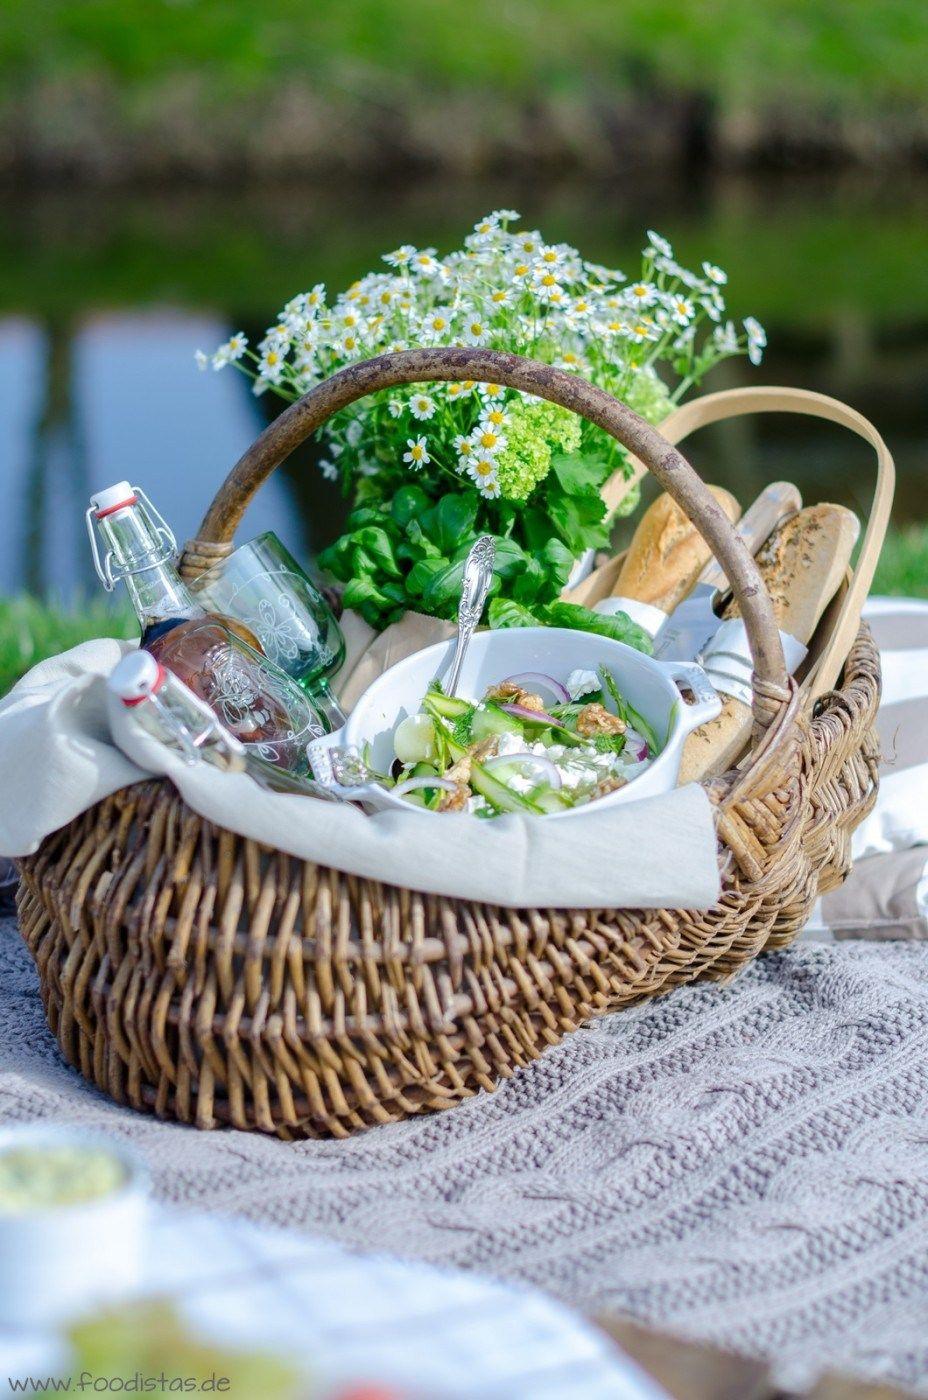 melonen gurken salat mit einem ciderdressing picknick im freien salat picknick rezepte und. Black Bedroom Furniture Sets. Home Design Ideas